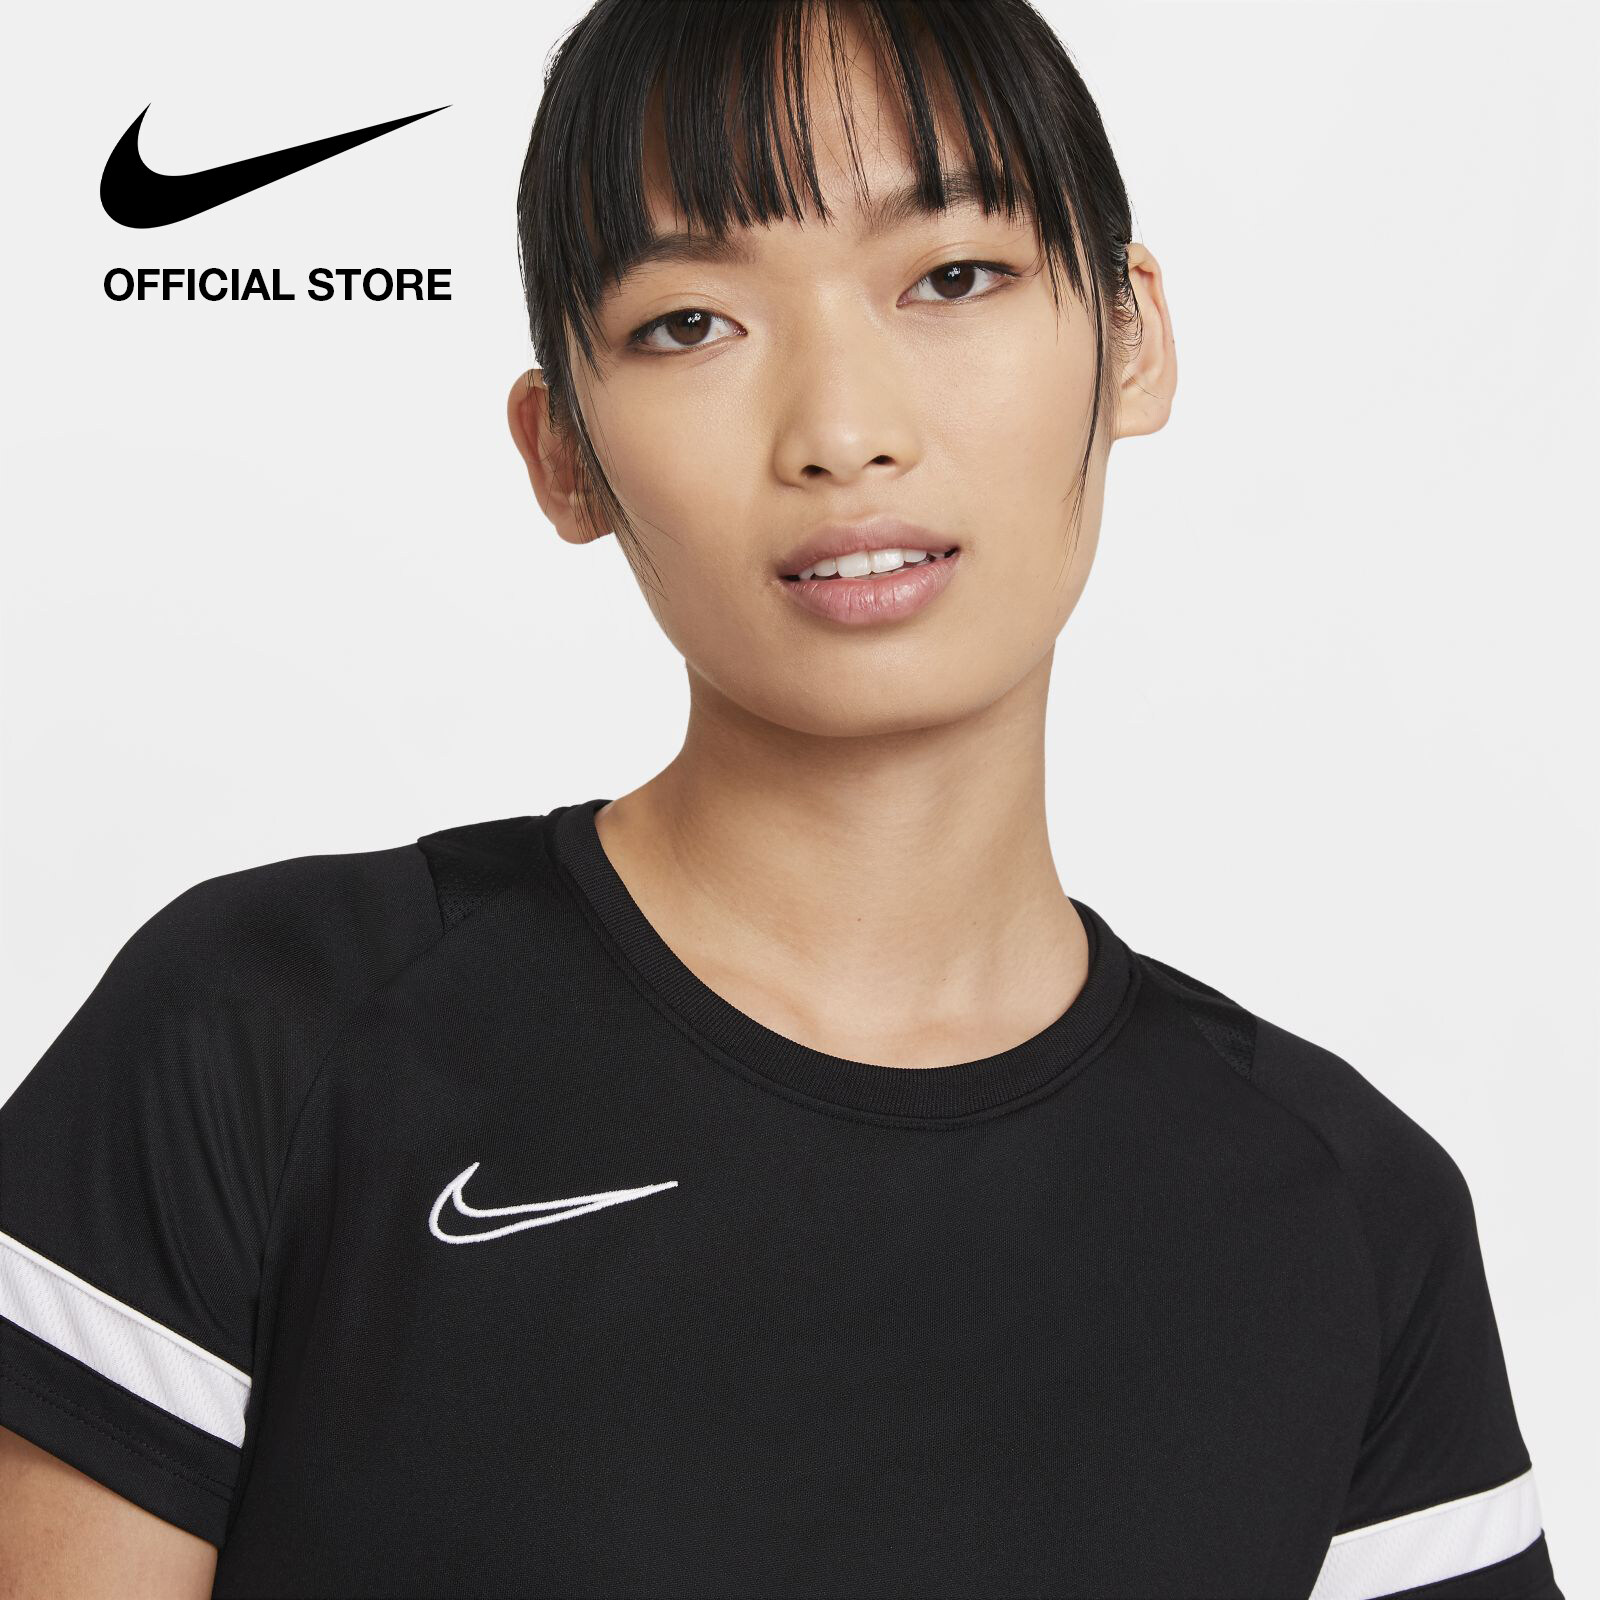 Nike Women's Dri-FIT Academy Football Top - Black ไนกี้ เสื้อยืดผู้หญิง ดรายฟิต อะคาเดมี - สีดำ